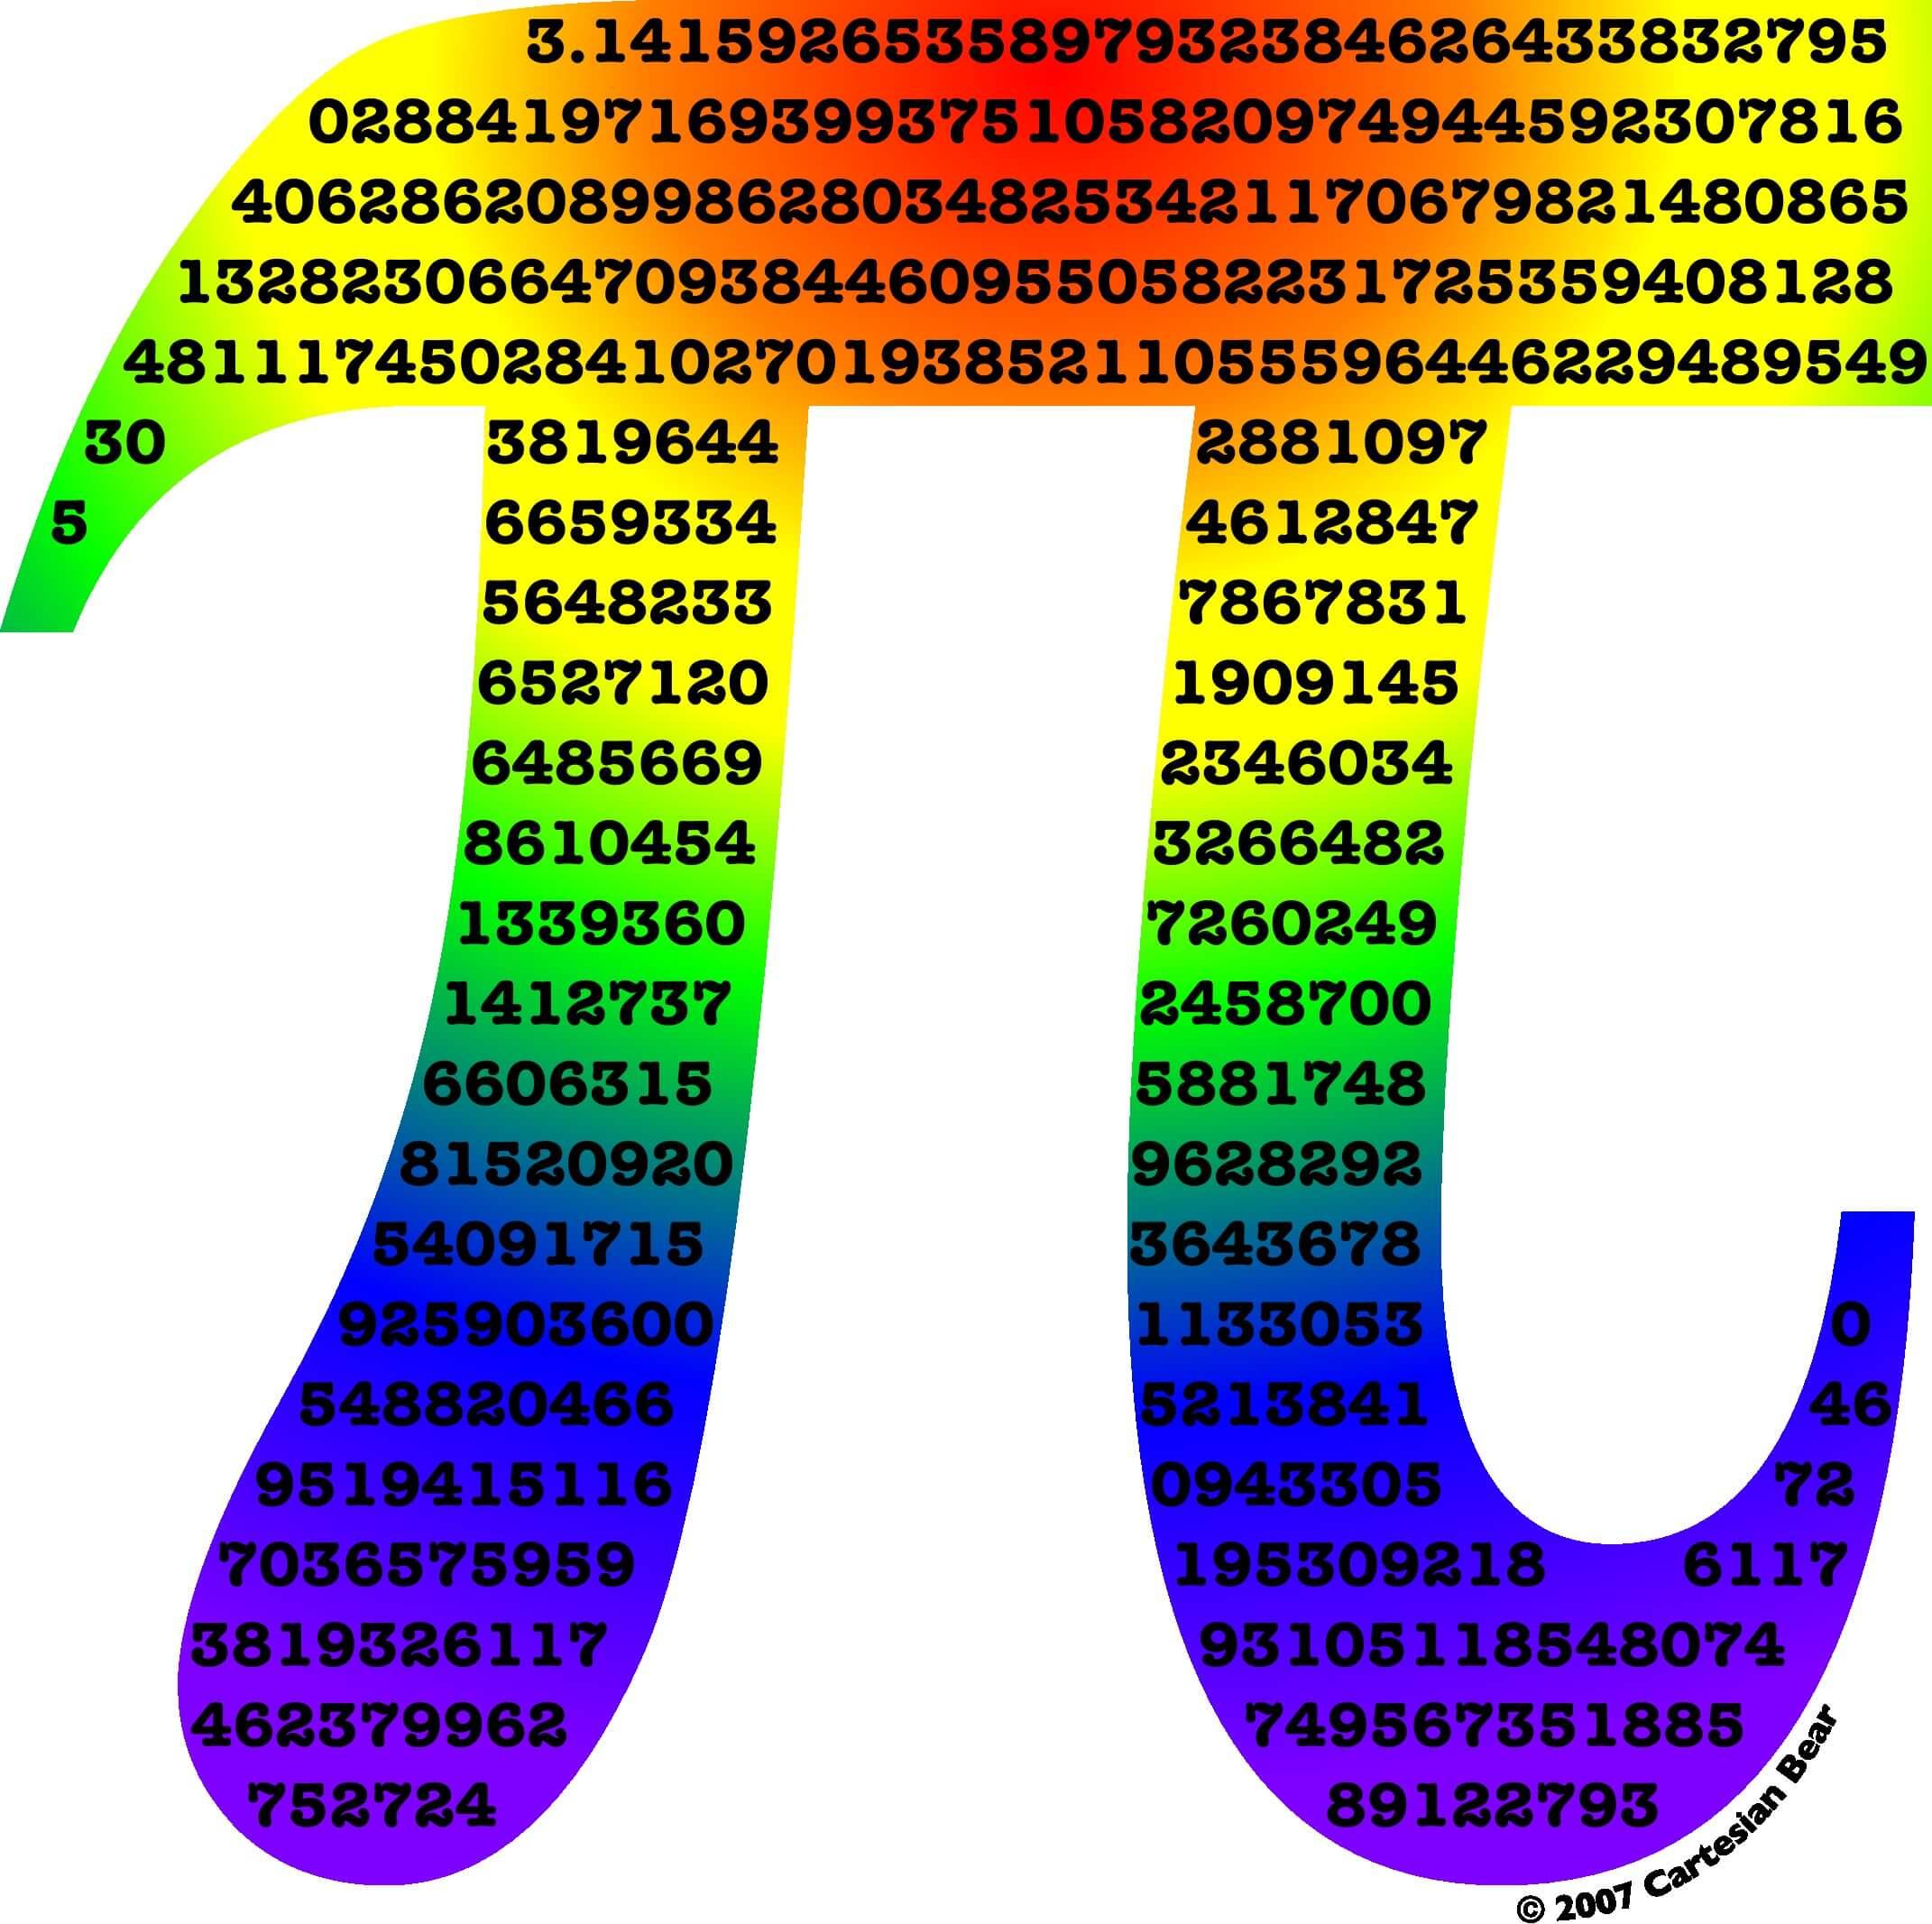 Pi Day 3 14 22 7 Greek Maths Symbol